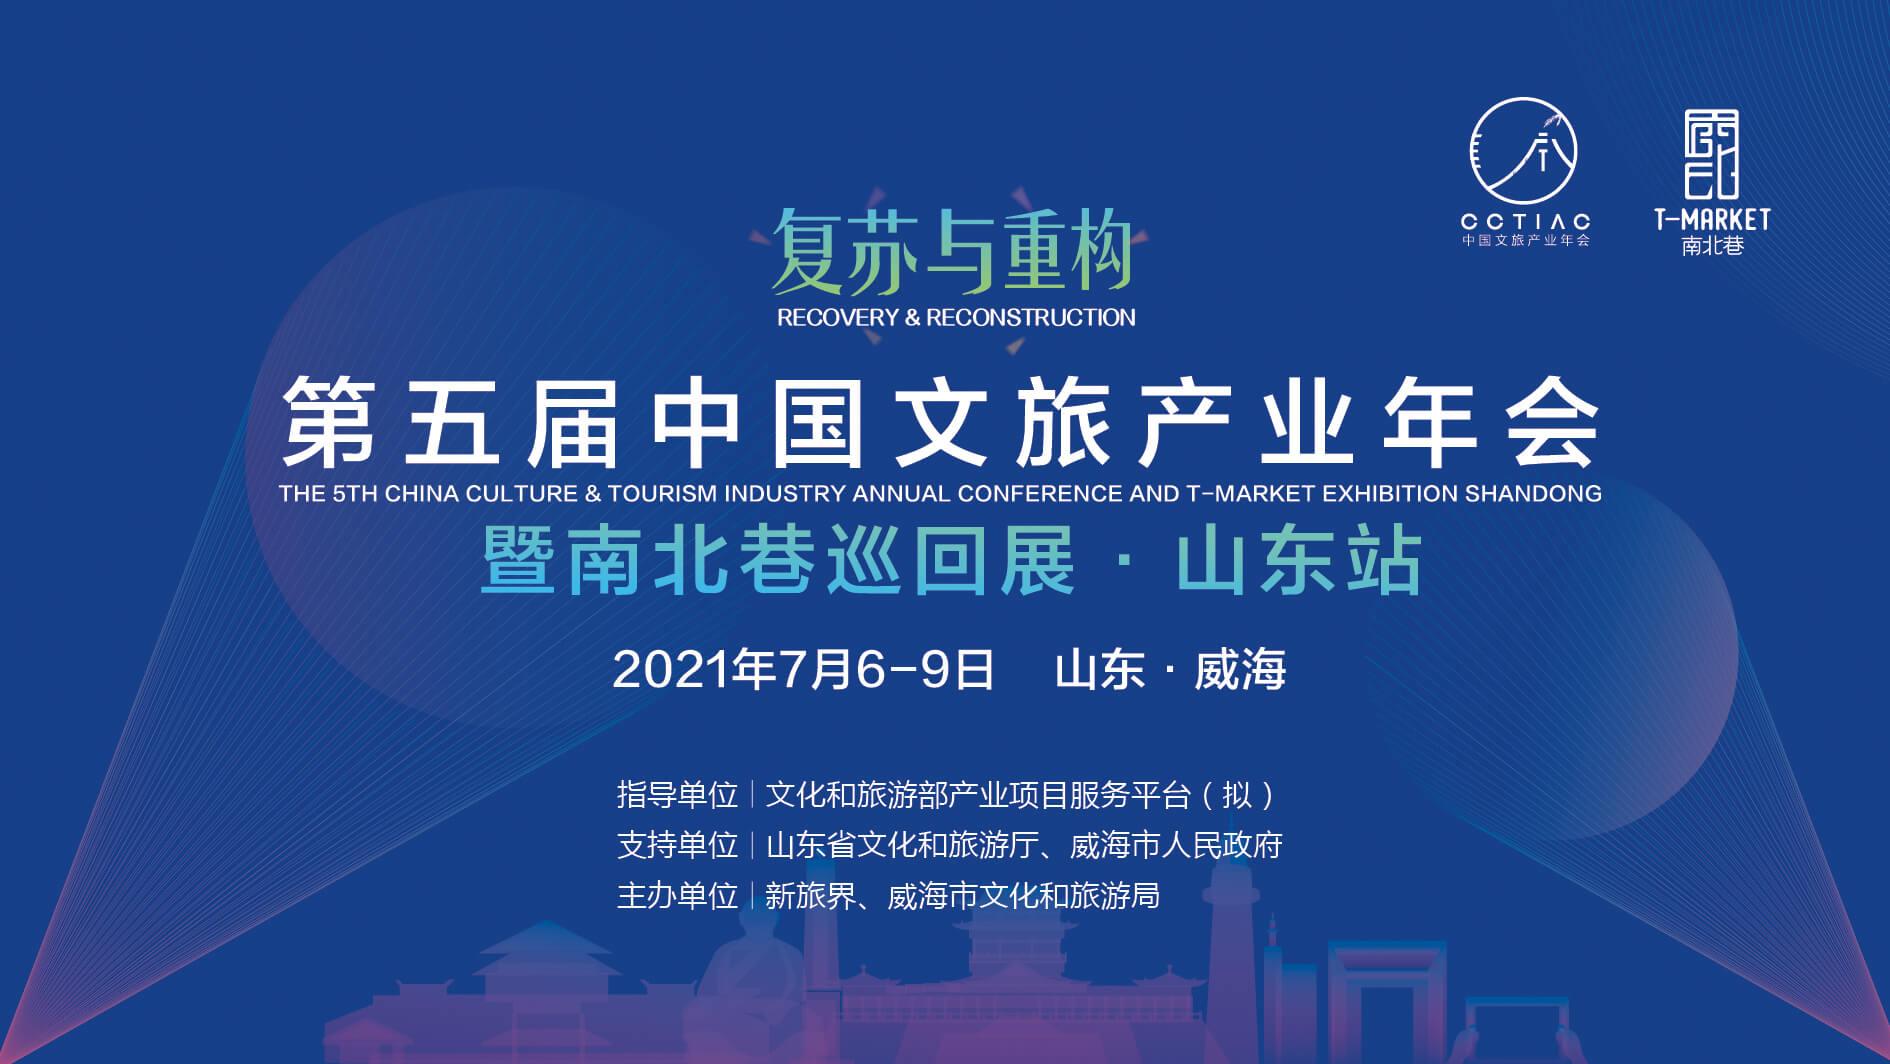 第五届中国电子游戏试玩年会暨南北巷巡回展·山东站